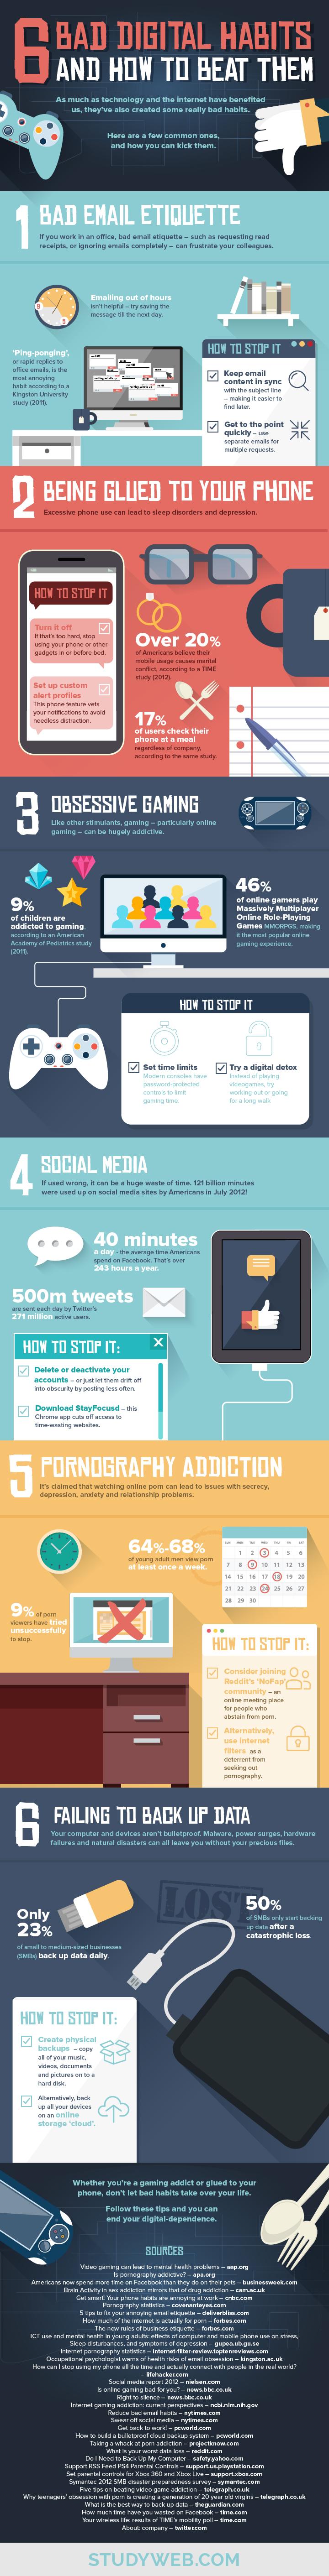 Bad Digtal Habits and Online Addictions